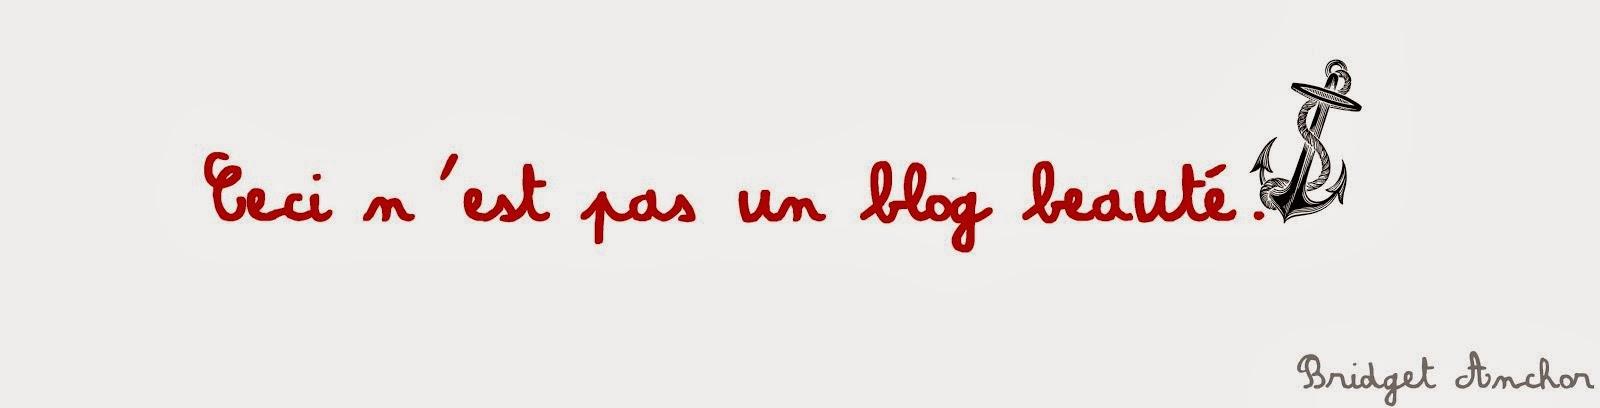 Ceci n'est pas un blog beauté.